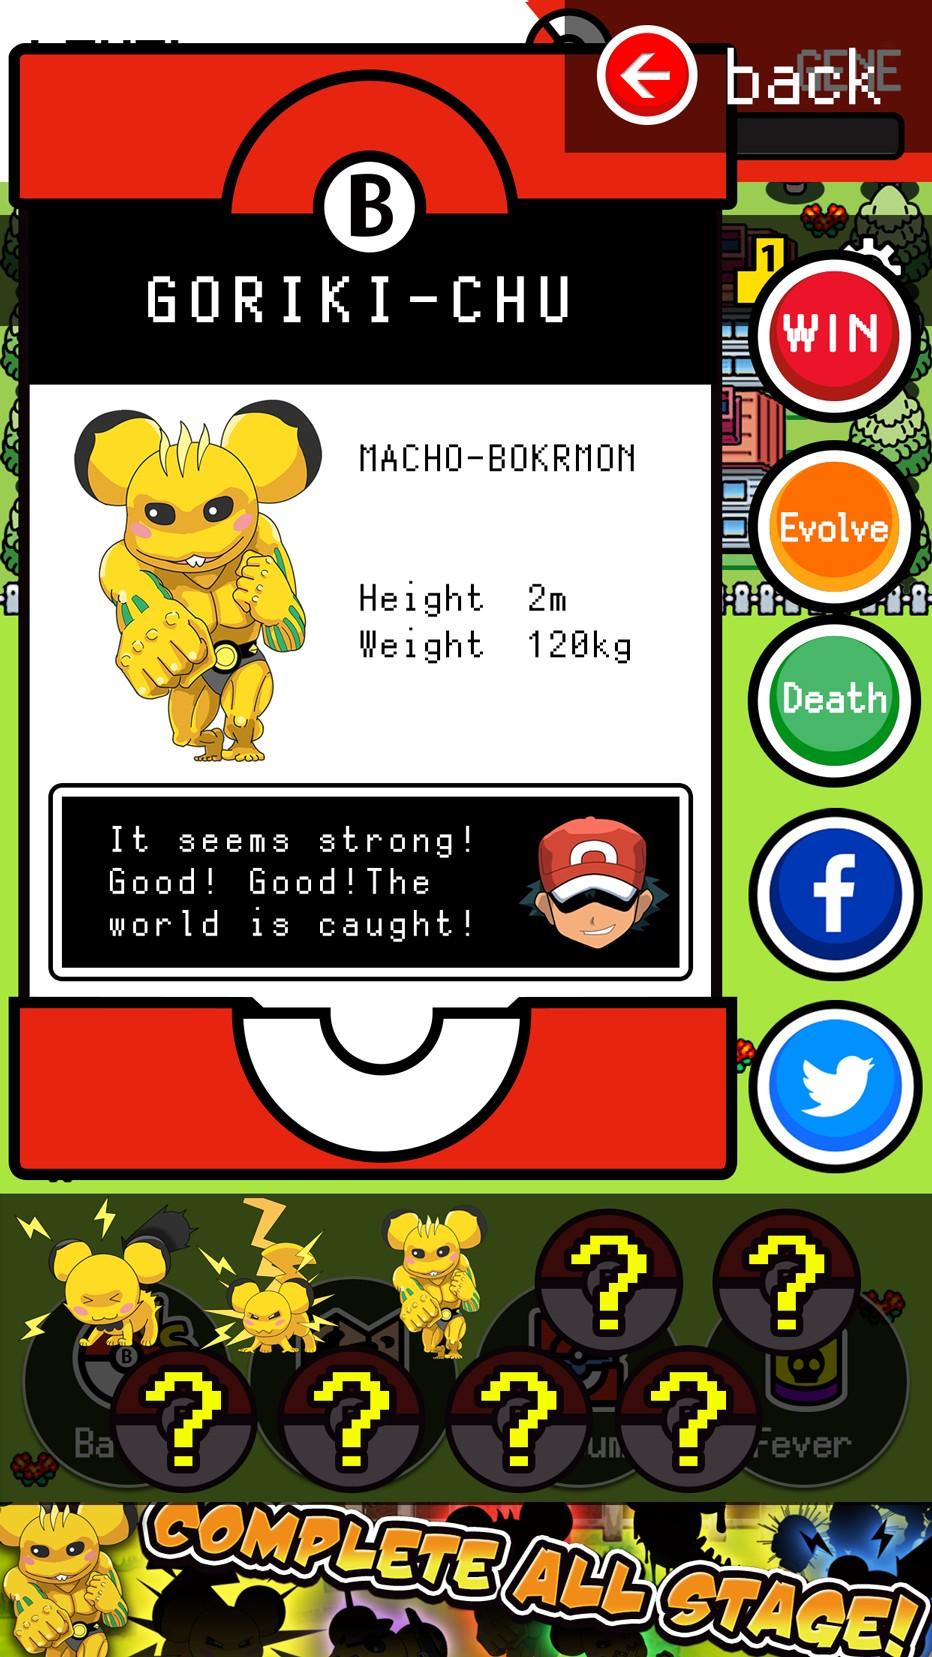 Bokemon World - GO for your journey